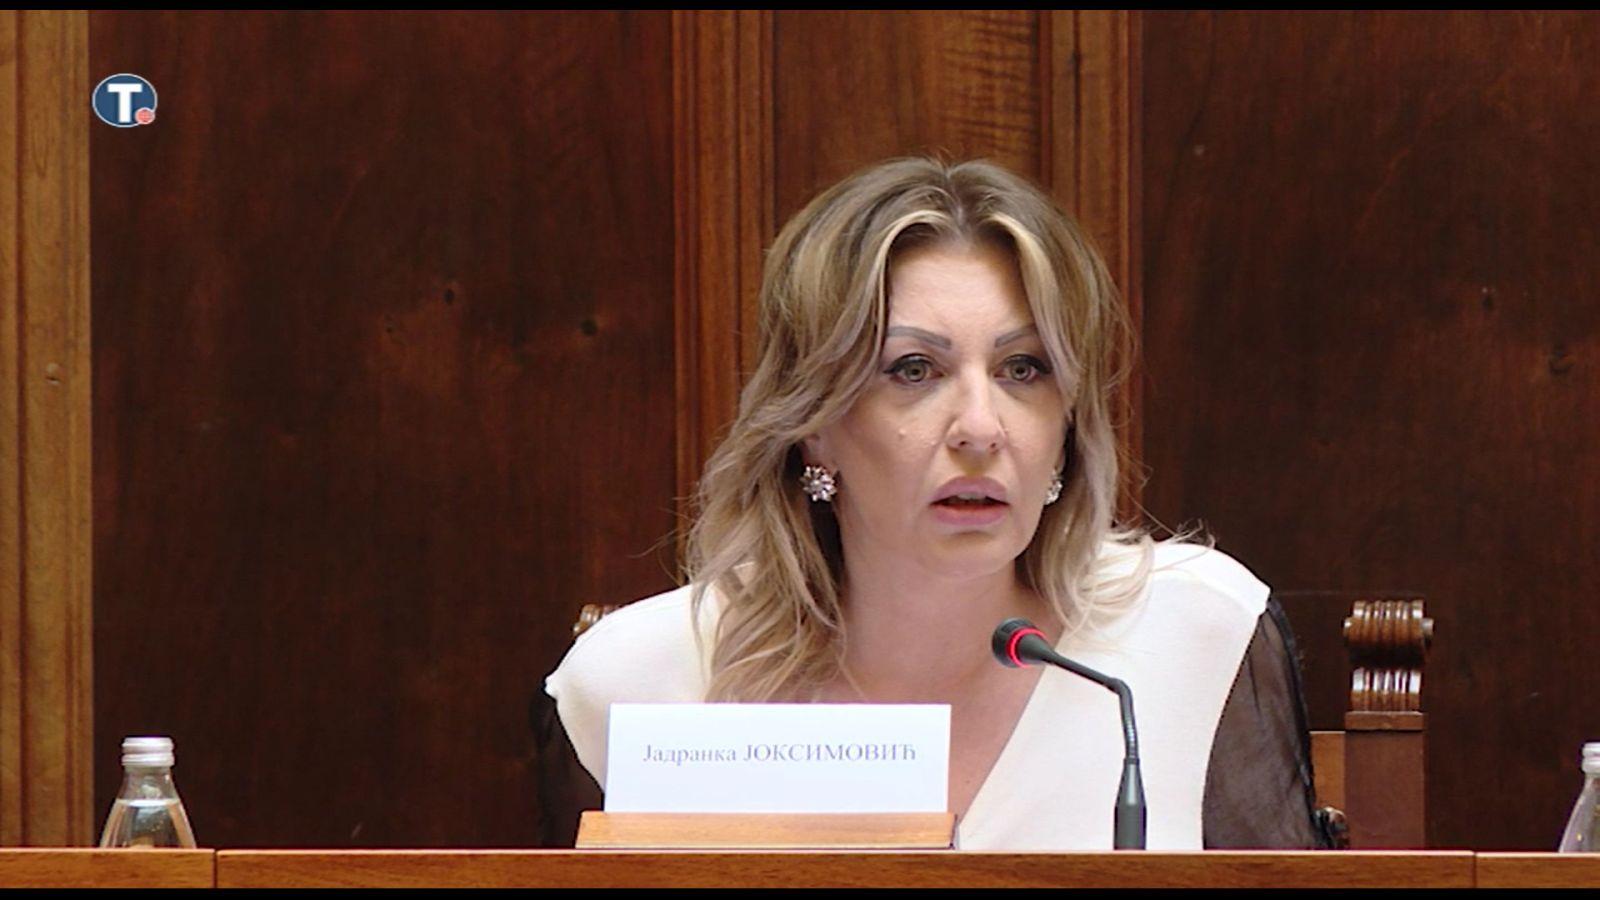 Ј. Јоксимовић: Реформе у области владавине права усклађене са европским праксама